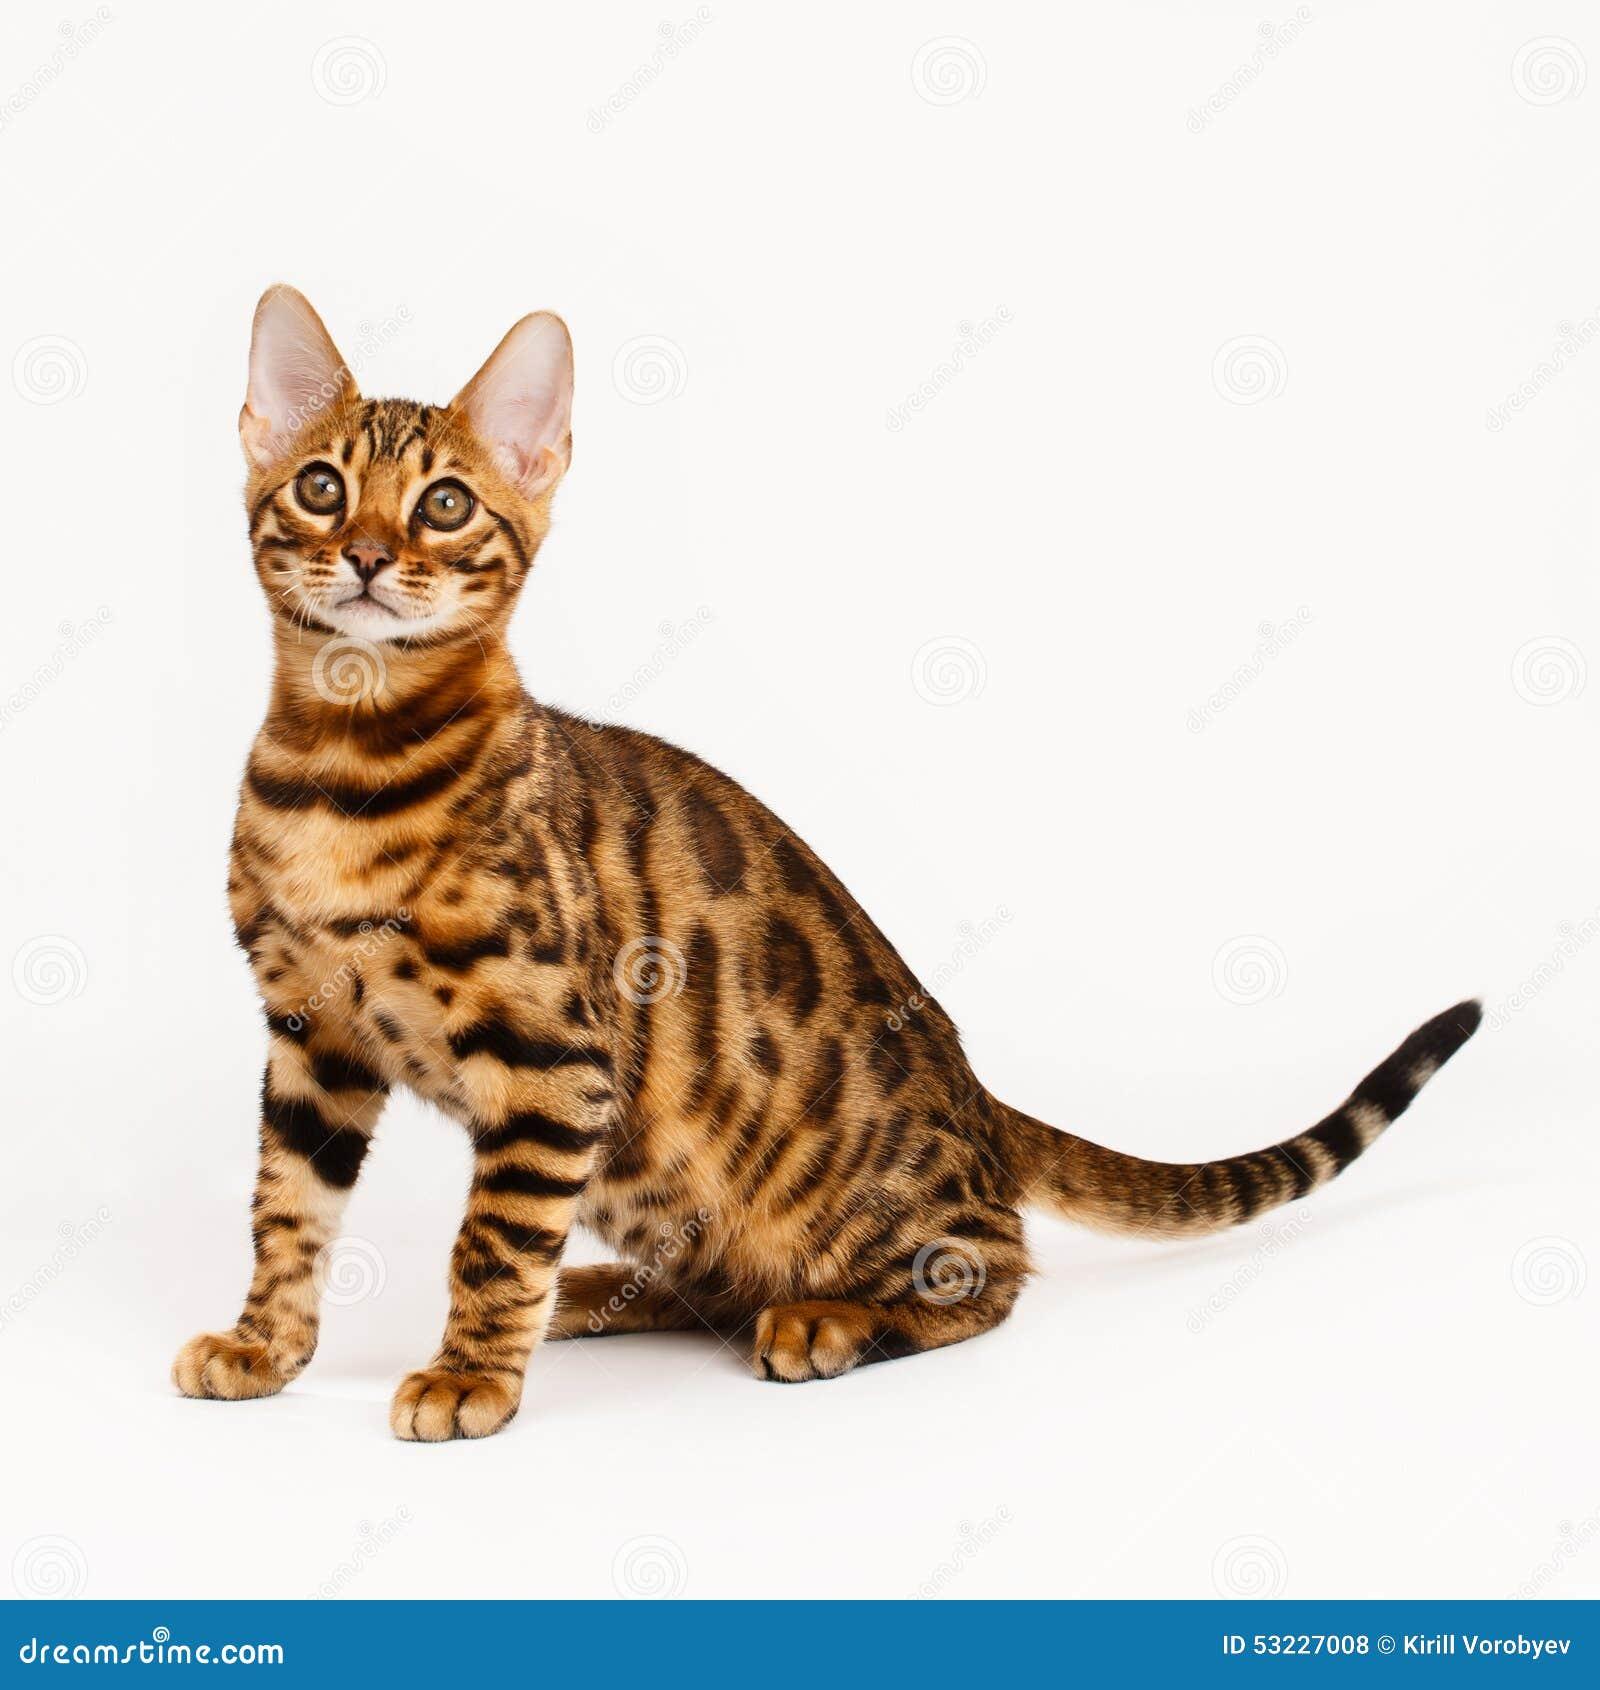 bengal katzen tiger stockfoto bild von portrait haushalt 53227008. Black Bedroom Furniture Sets. Home Design Ideas